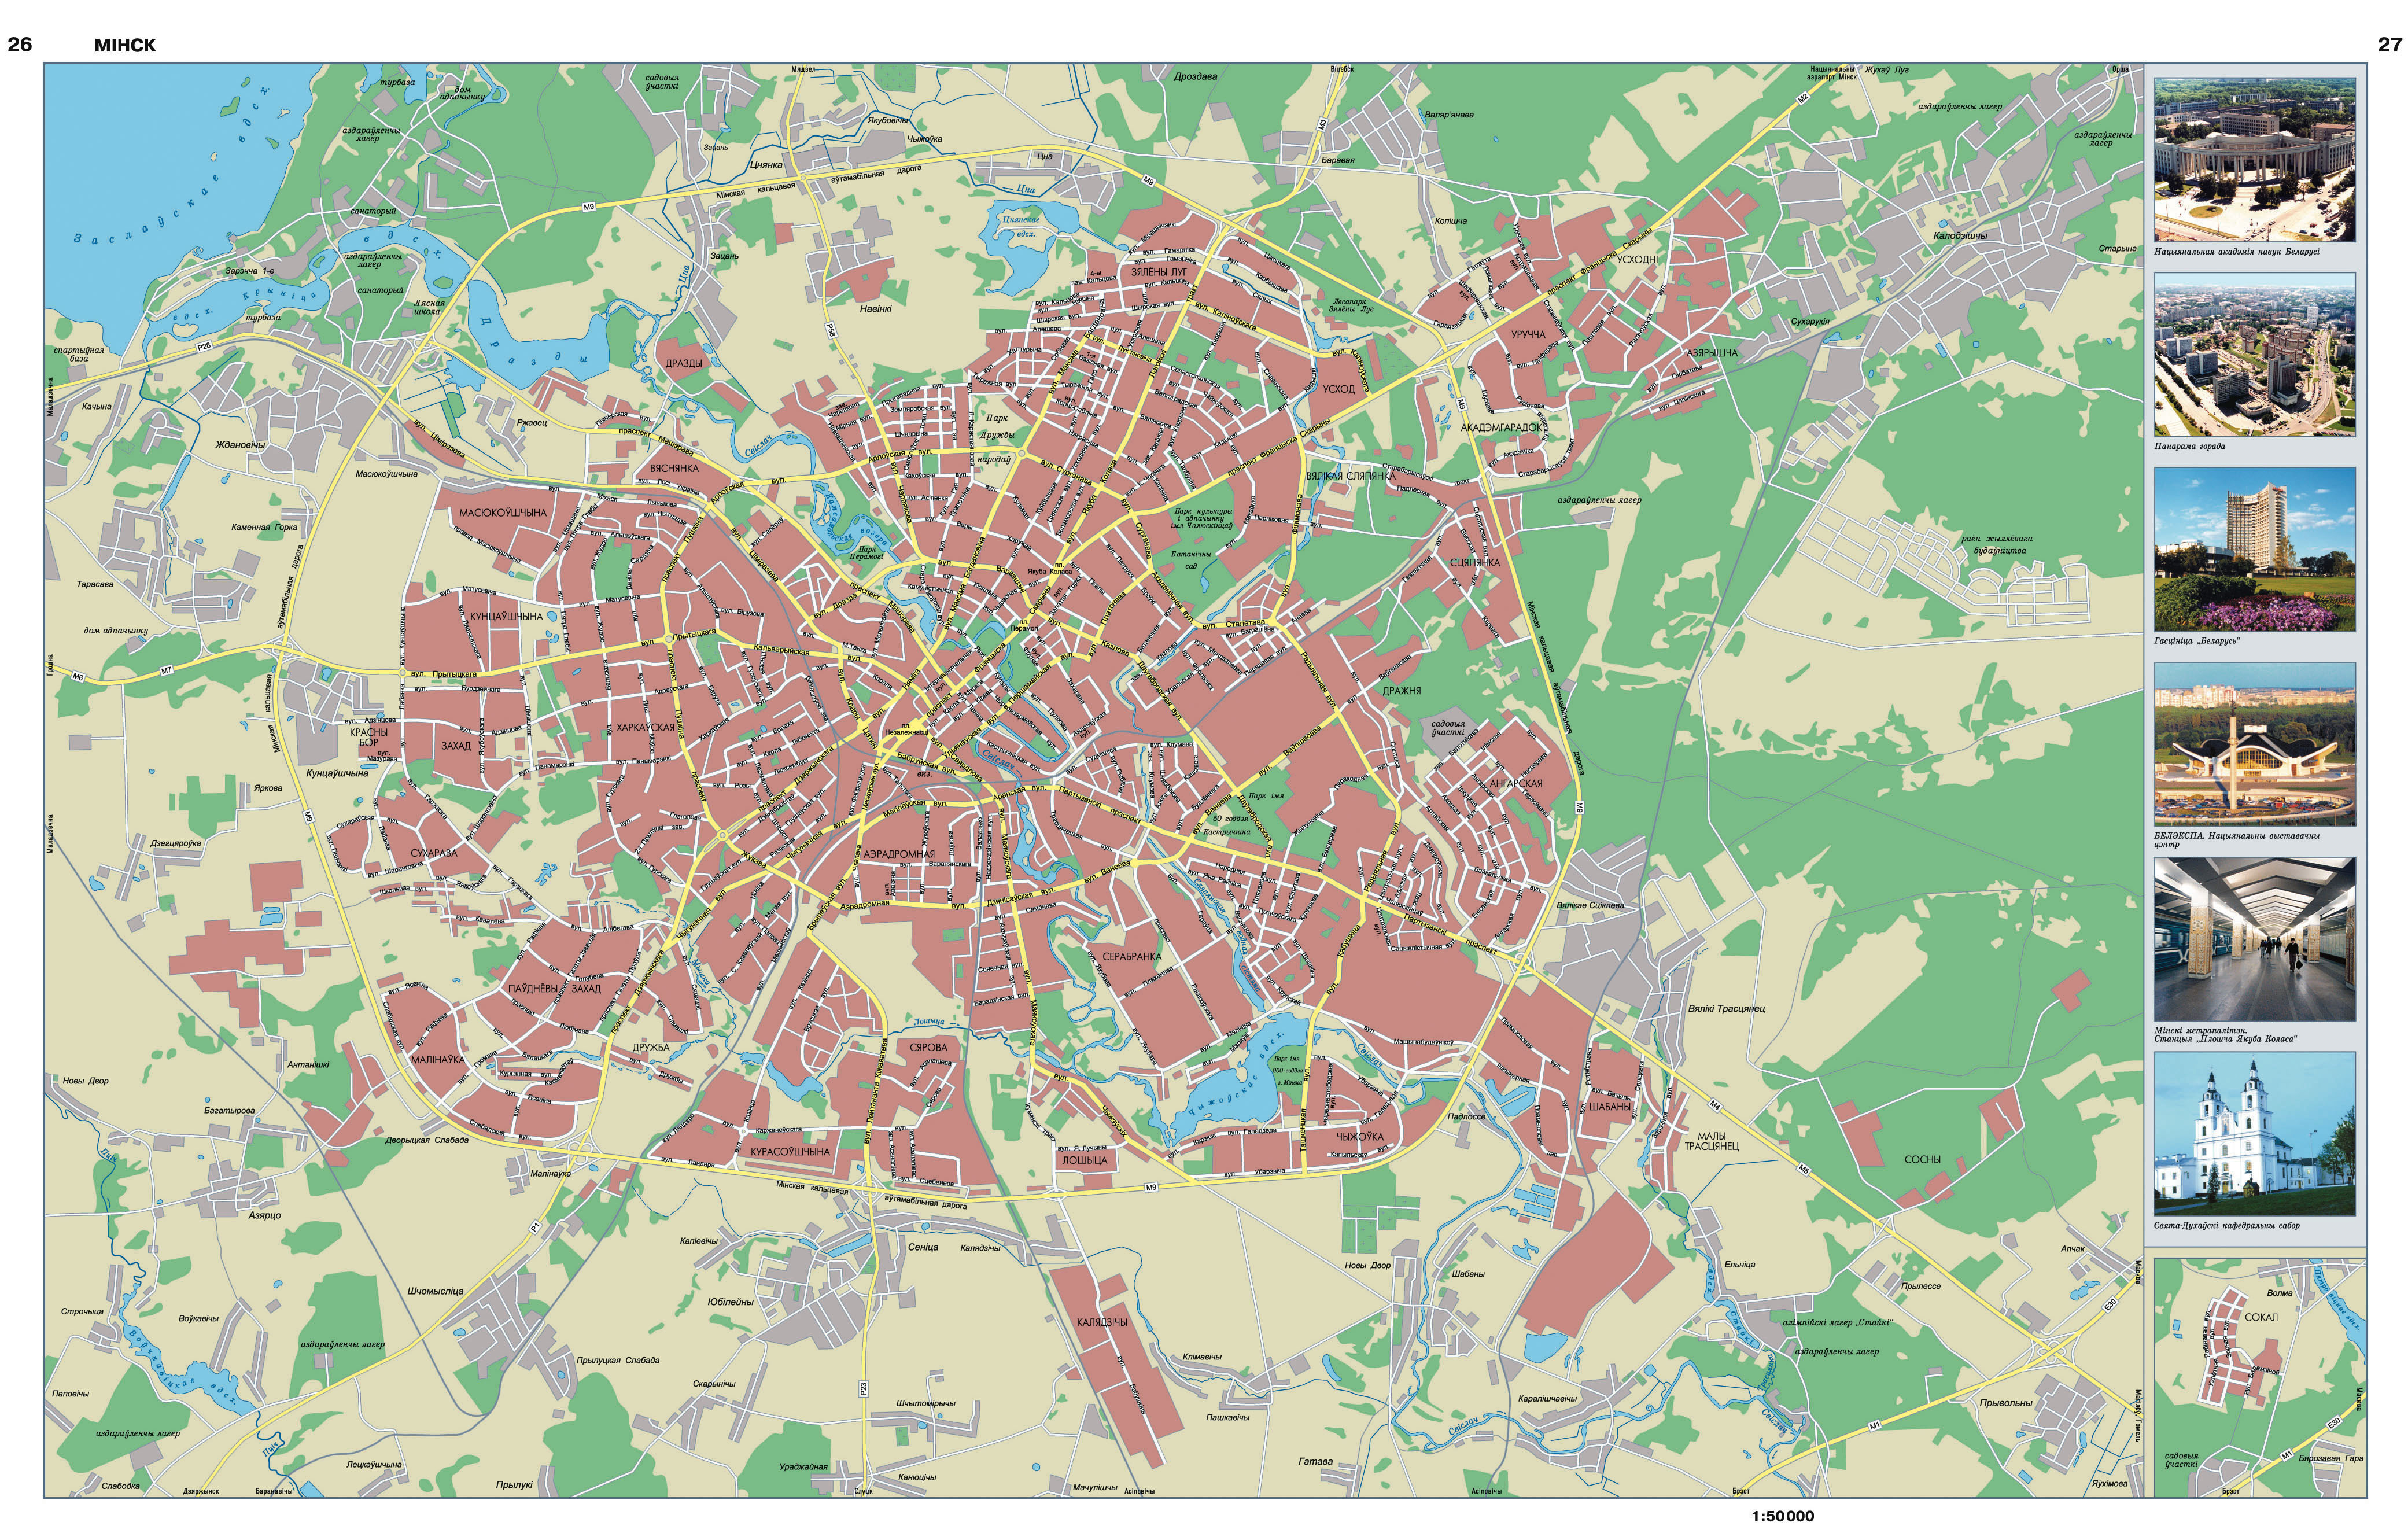 И еще брезентовый...  Описание: Карты метро городов мира - Карта метро москвы.  Автор: Виктор.